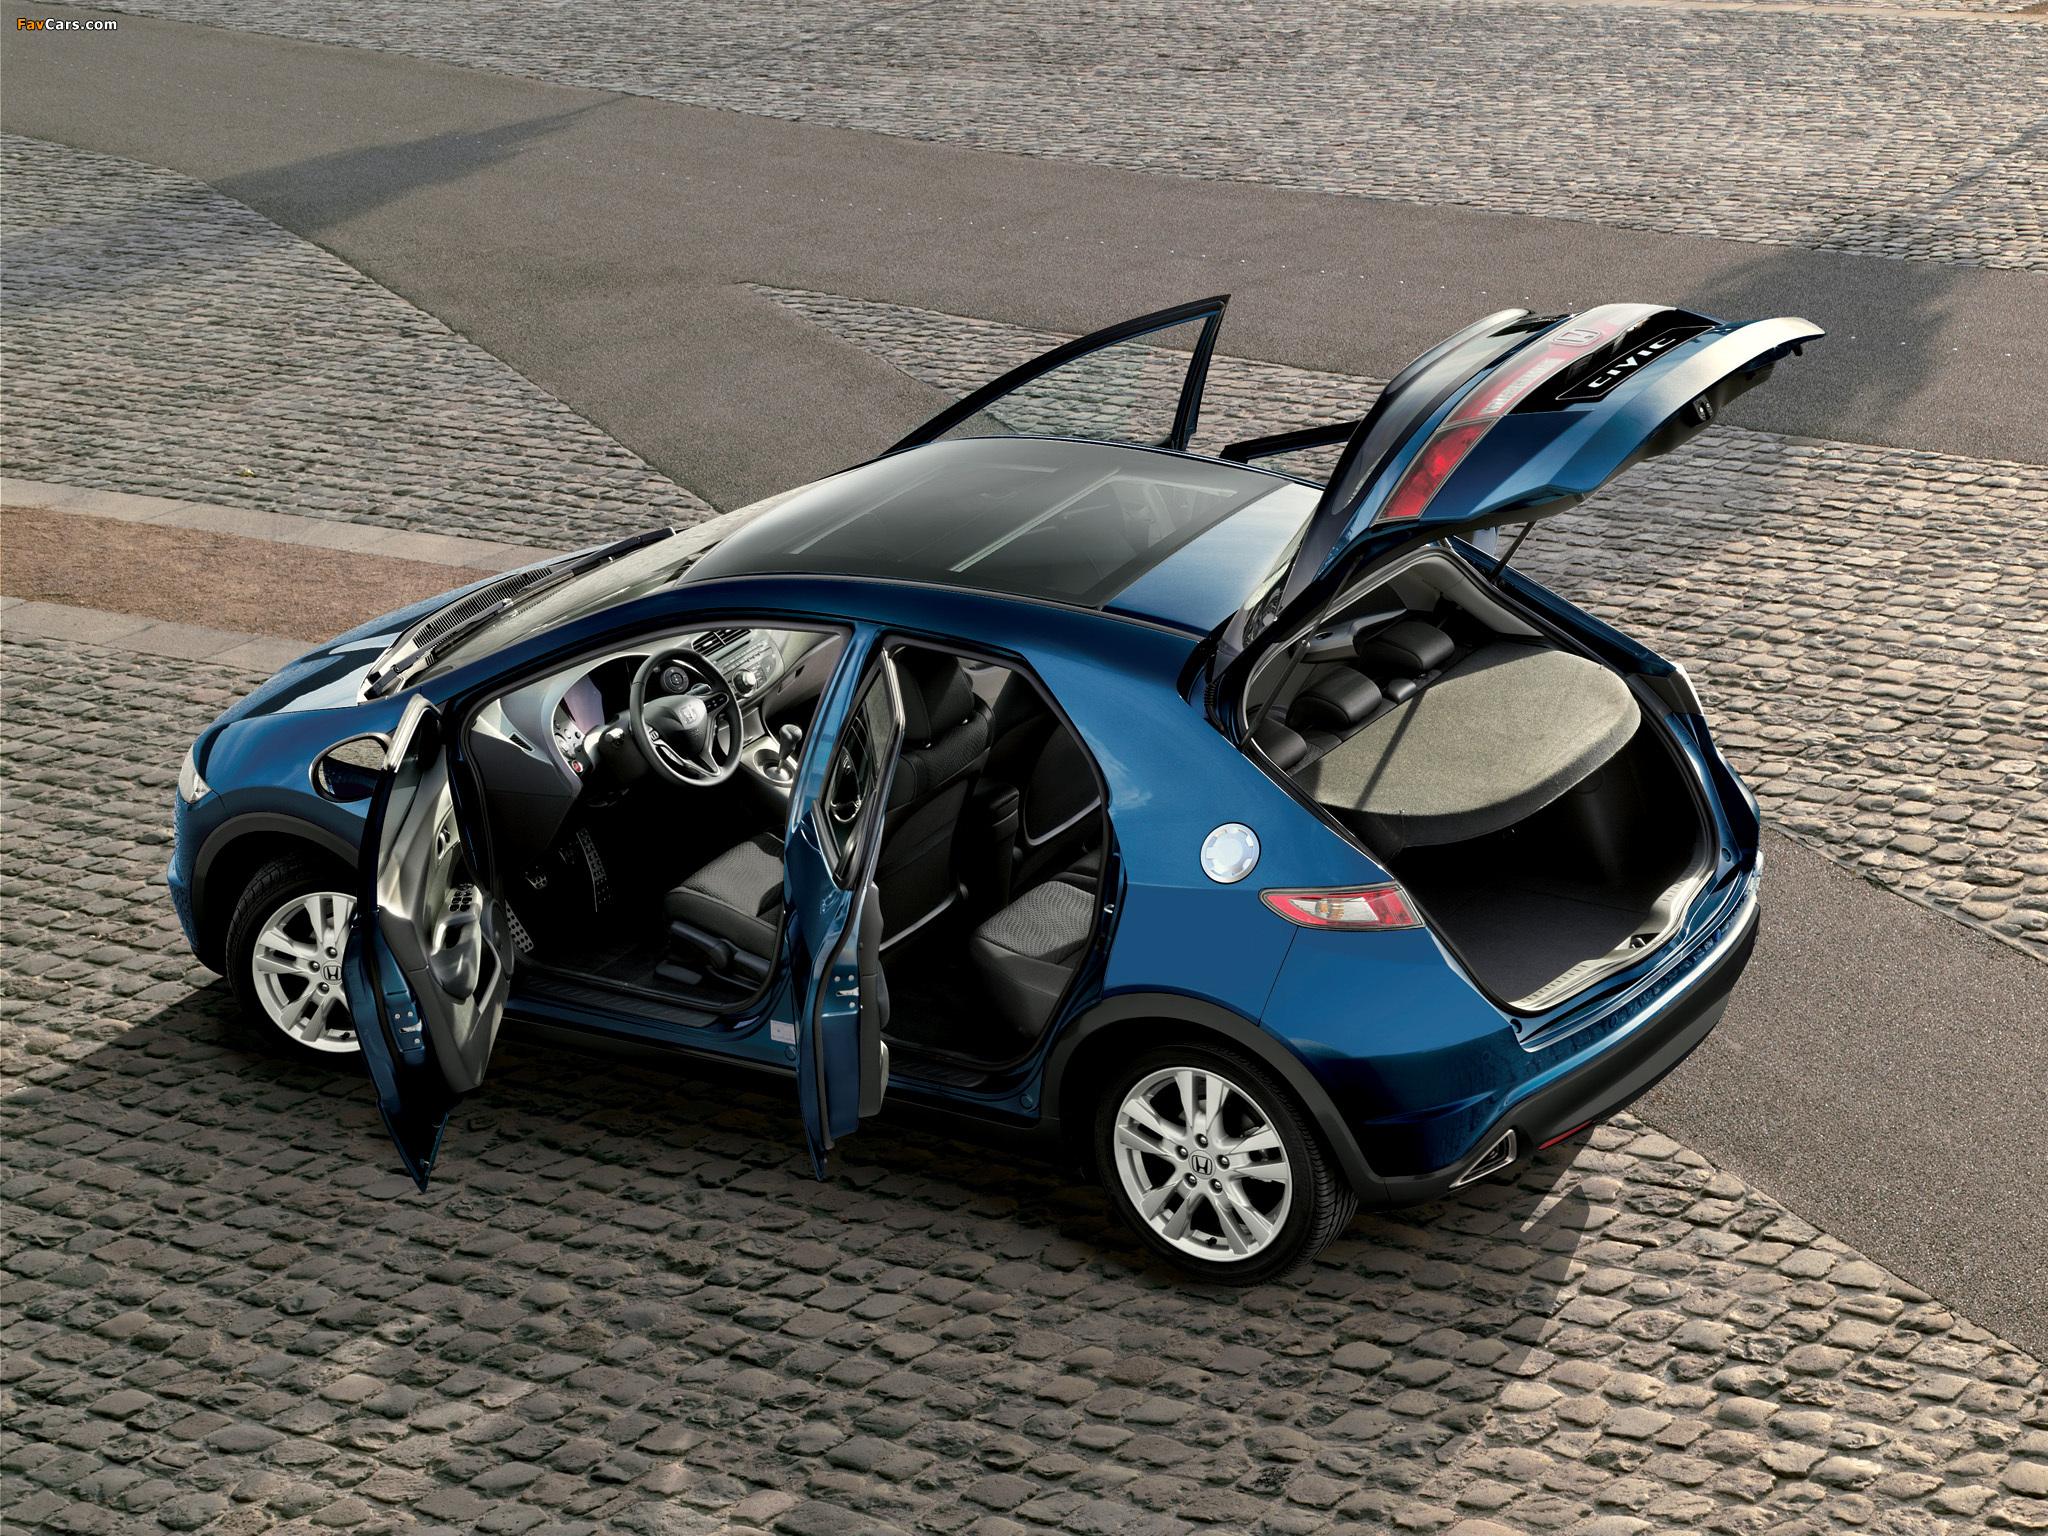 Замена внутреннего заднего фонаря на Honda Civic VIII